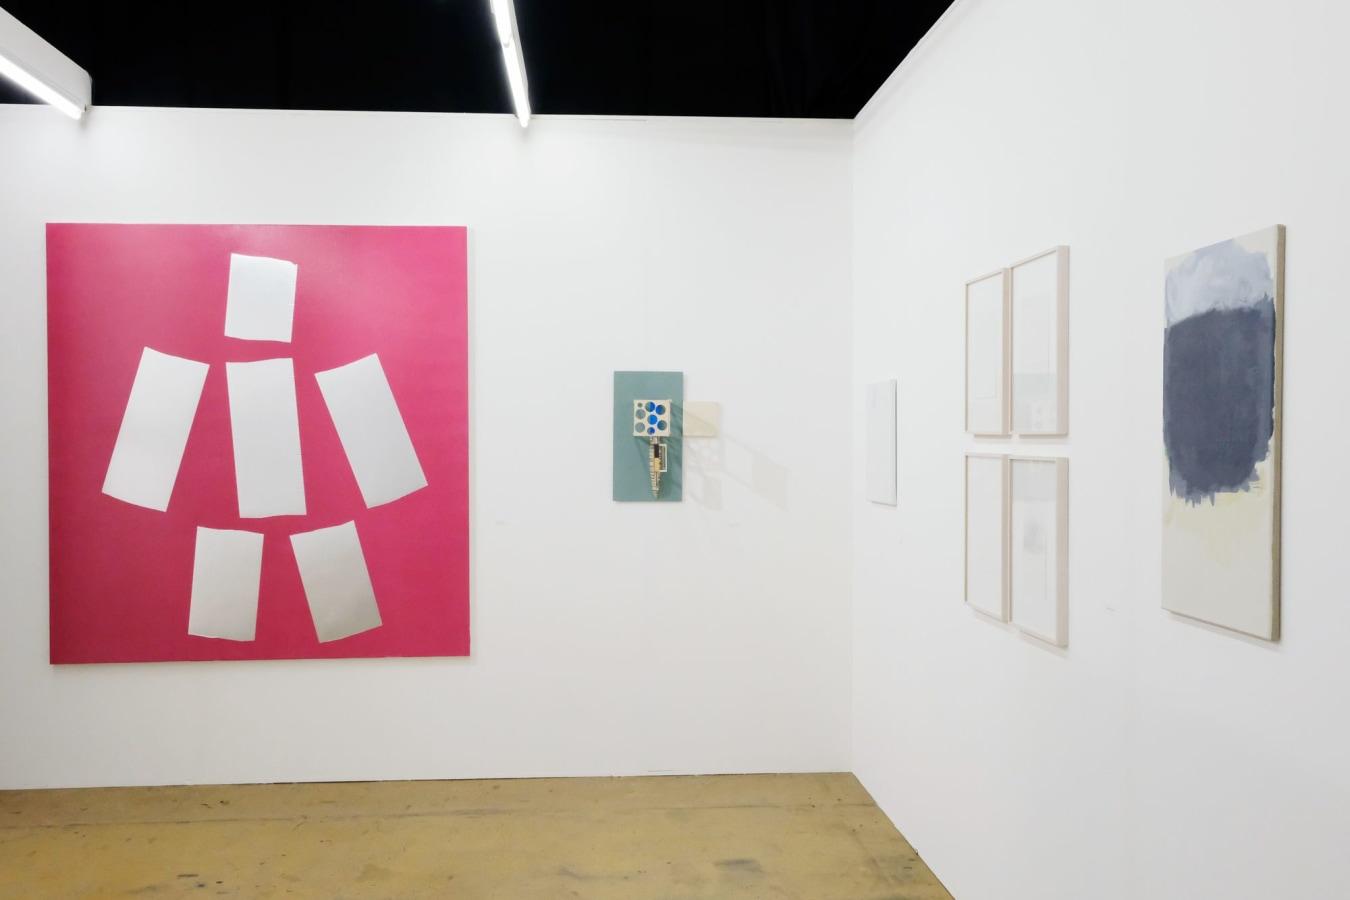 Art Rotterdam 2019, German Stegmaier, JCJ Vanderheyden, Johan De Wit, Klaas Kloosterboer, Nahum Tevet, Ronald Noorman †, Tuukka Tammisaari,